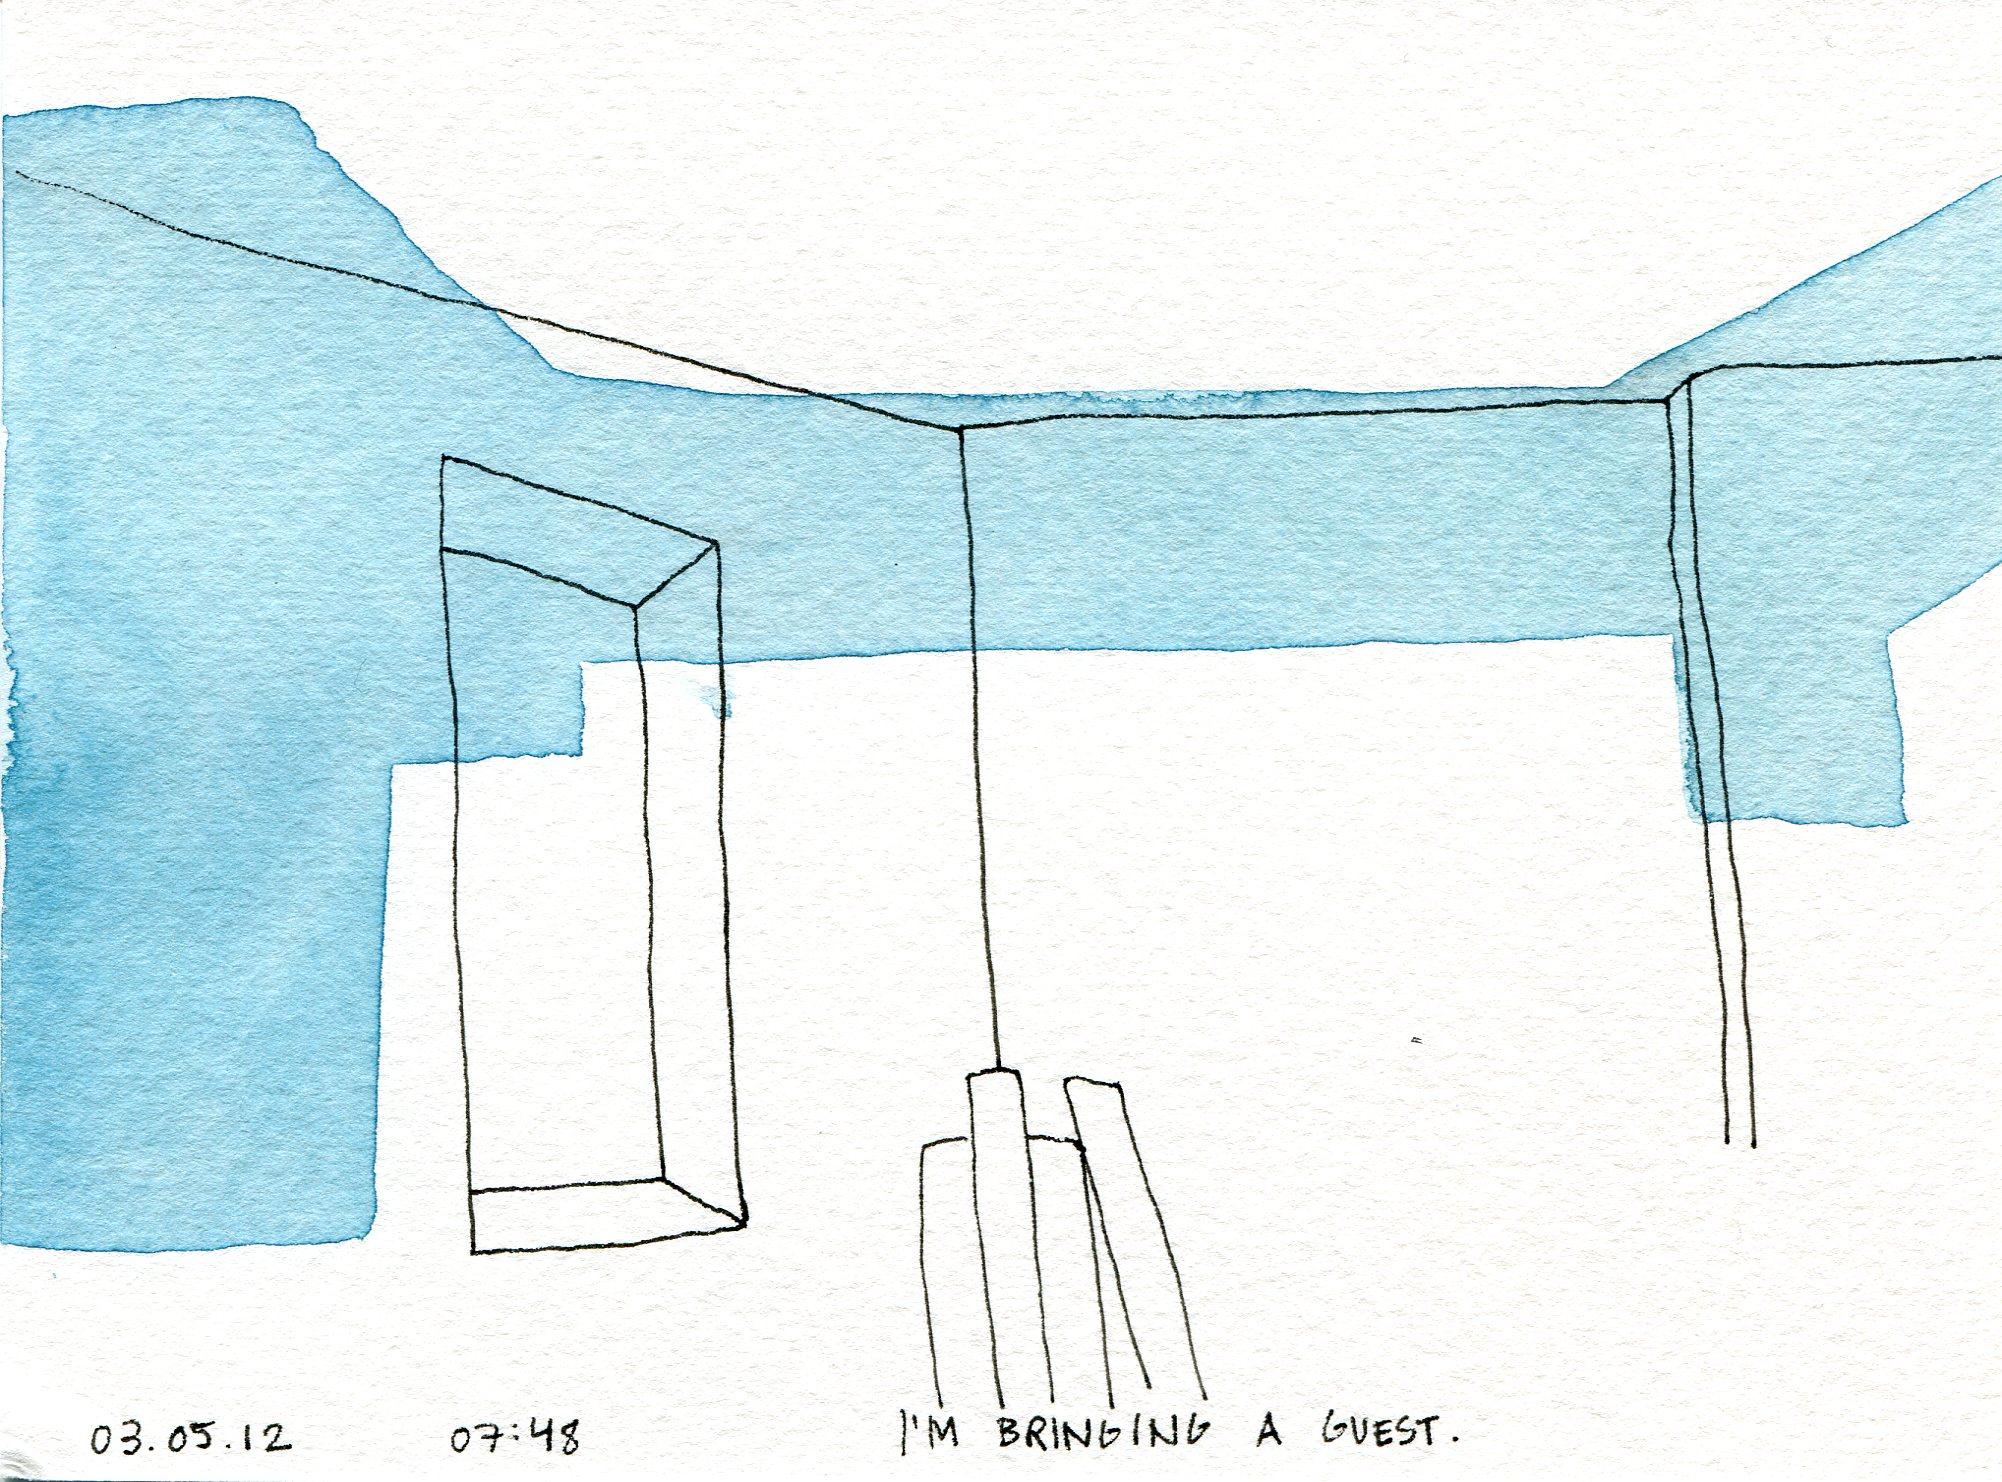 2012-03-10 drawings003.jpg